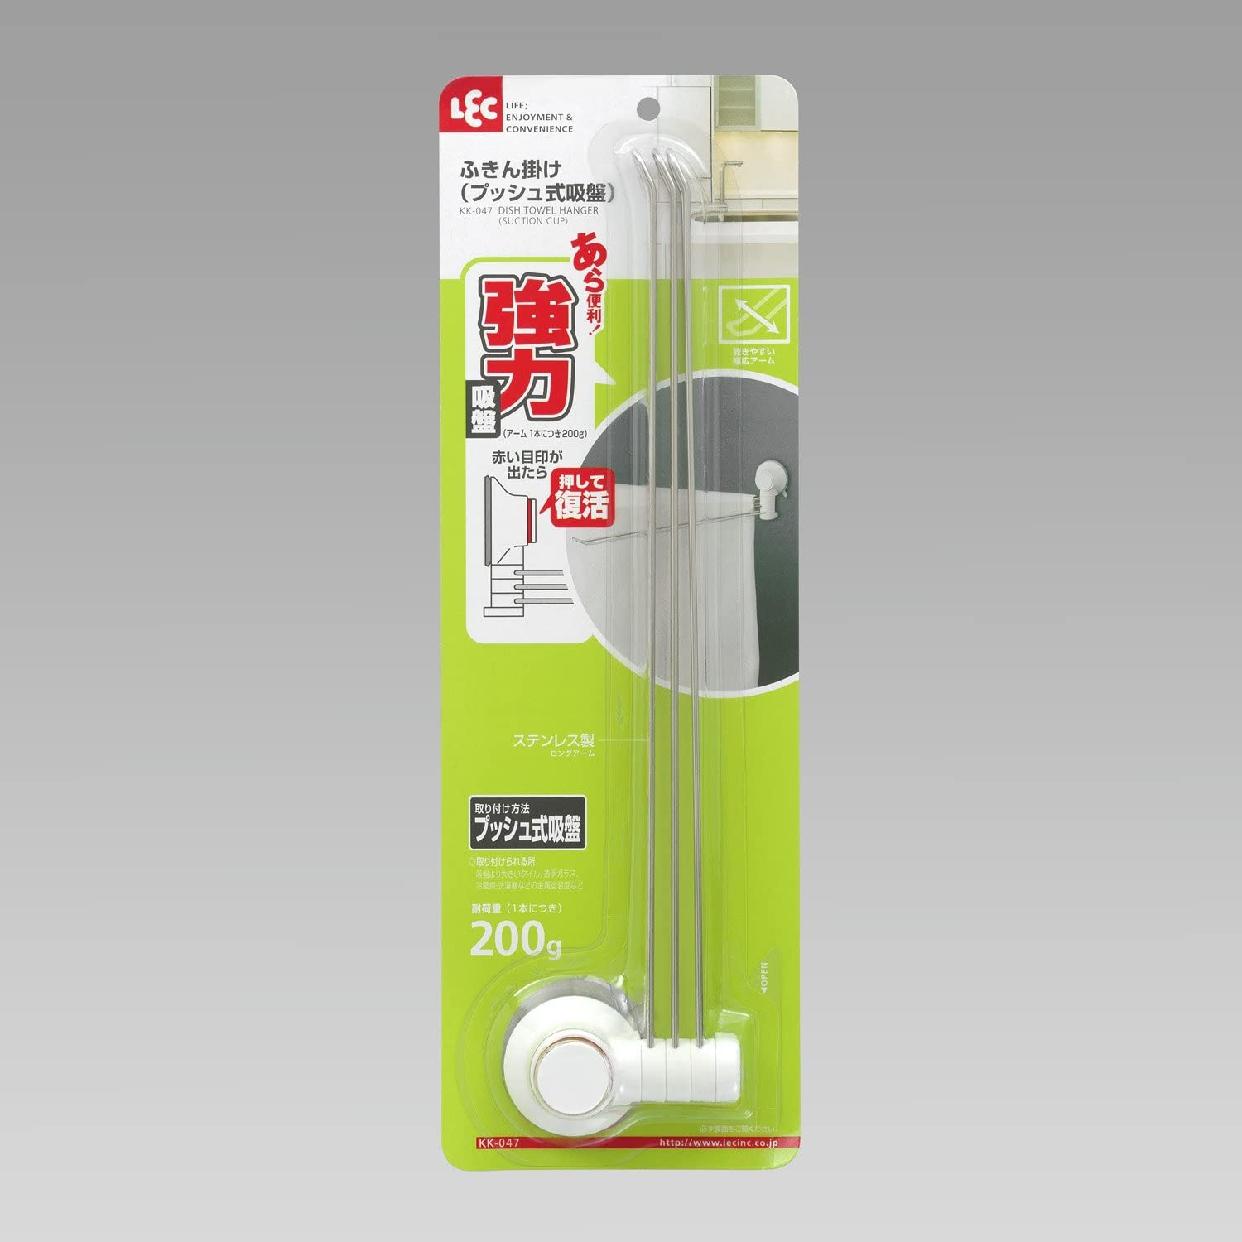 LEC(レック)あら便利 3本ふきん掛け プッシュ式吸盤タイプの商品画像4